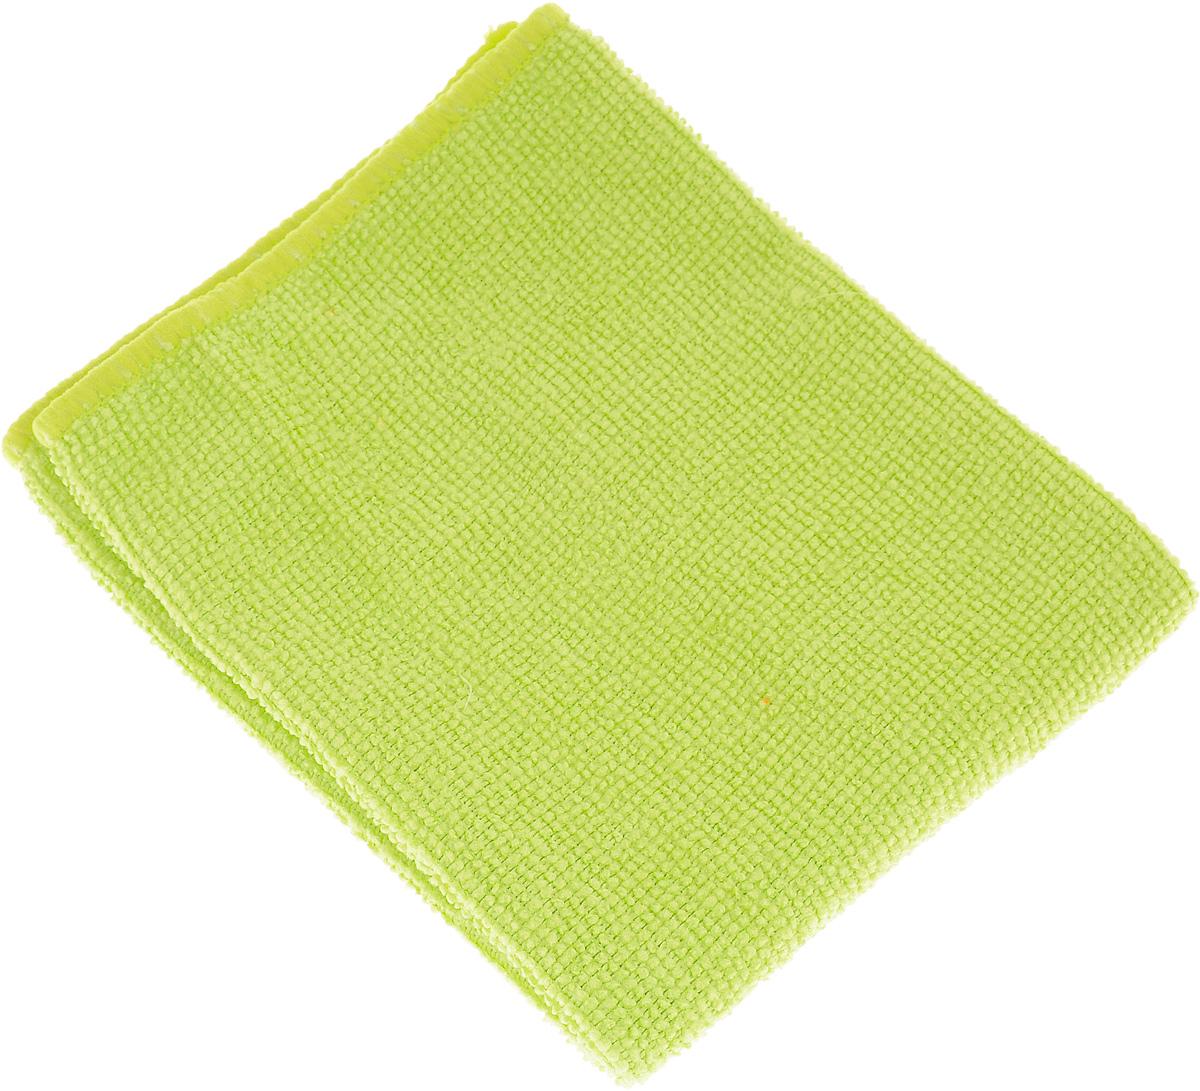 Салфетка из микрофибры Rexxon, универсальная, 35 х 35 смIRK-503Универсальная салфетка Rexxon выполнена из высококачественного полиэстера и полиамида. Благодаря своей структуре она эффективно удаляет с твердых поверхностей грязь, следы засохших насекомых.Микрофибра удаляет грязь с поверхности намного эффективнее, быстрее и значительно более бережно в сравнении с обычной тканью, что существенно снижает время на проведение уборки, поскольку отсутствует необходимость протирать одно и то же место дважды. Использовать салфетку можно для чистки как наружных, так и внутренних поверхностей автомобиля. Используя подобную мягкую ткань, можно проникнуть даже в самые труднодоступные места и эффективно очистить от пыли и бактерий все поверхности. Микрофибра устойчива к истиранию, ее можно быстро вернуть к первоначальному виду с помощью ручной стирки при температуре 60°С. Приобретая микрофибровые изделия для чистки автомобиля, каждый владелец сможет обеспечить достойный уход за любимым транспортным средством.Состав: 80% полиэстер, 20% полиамид.Размер салфетки: 35 х 35 см.